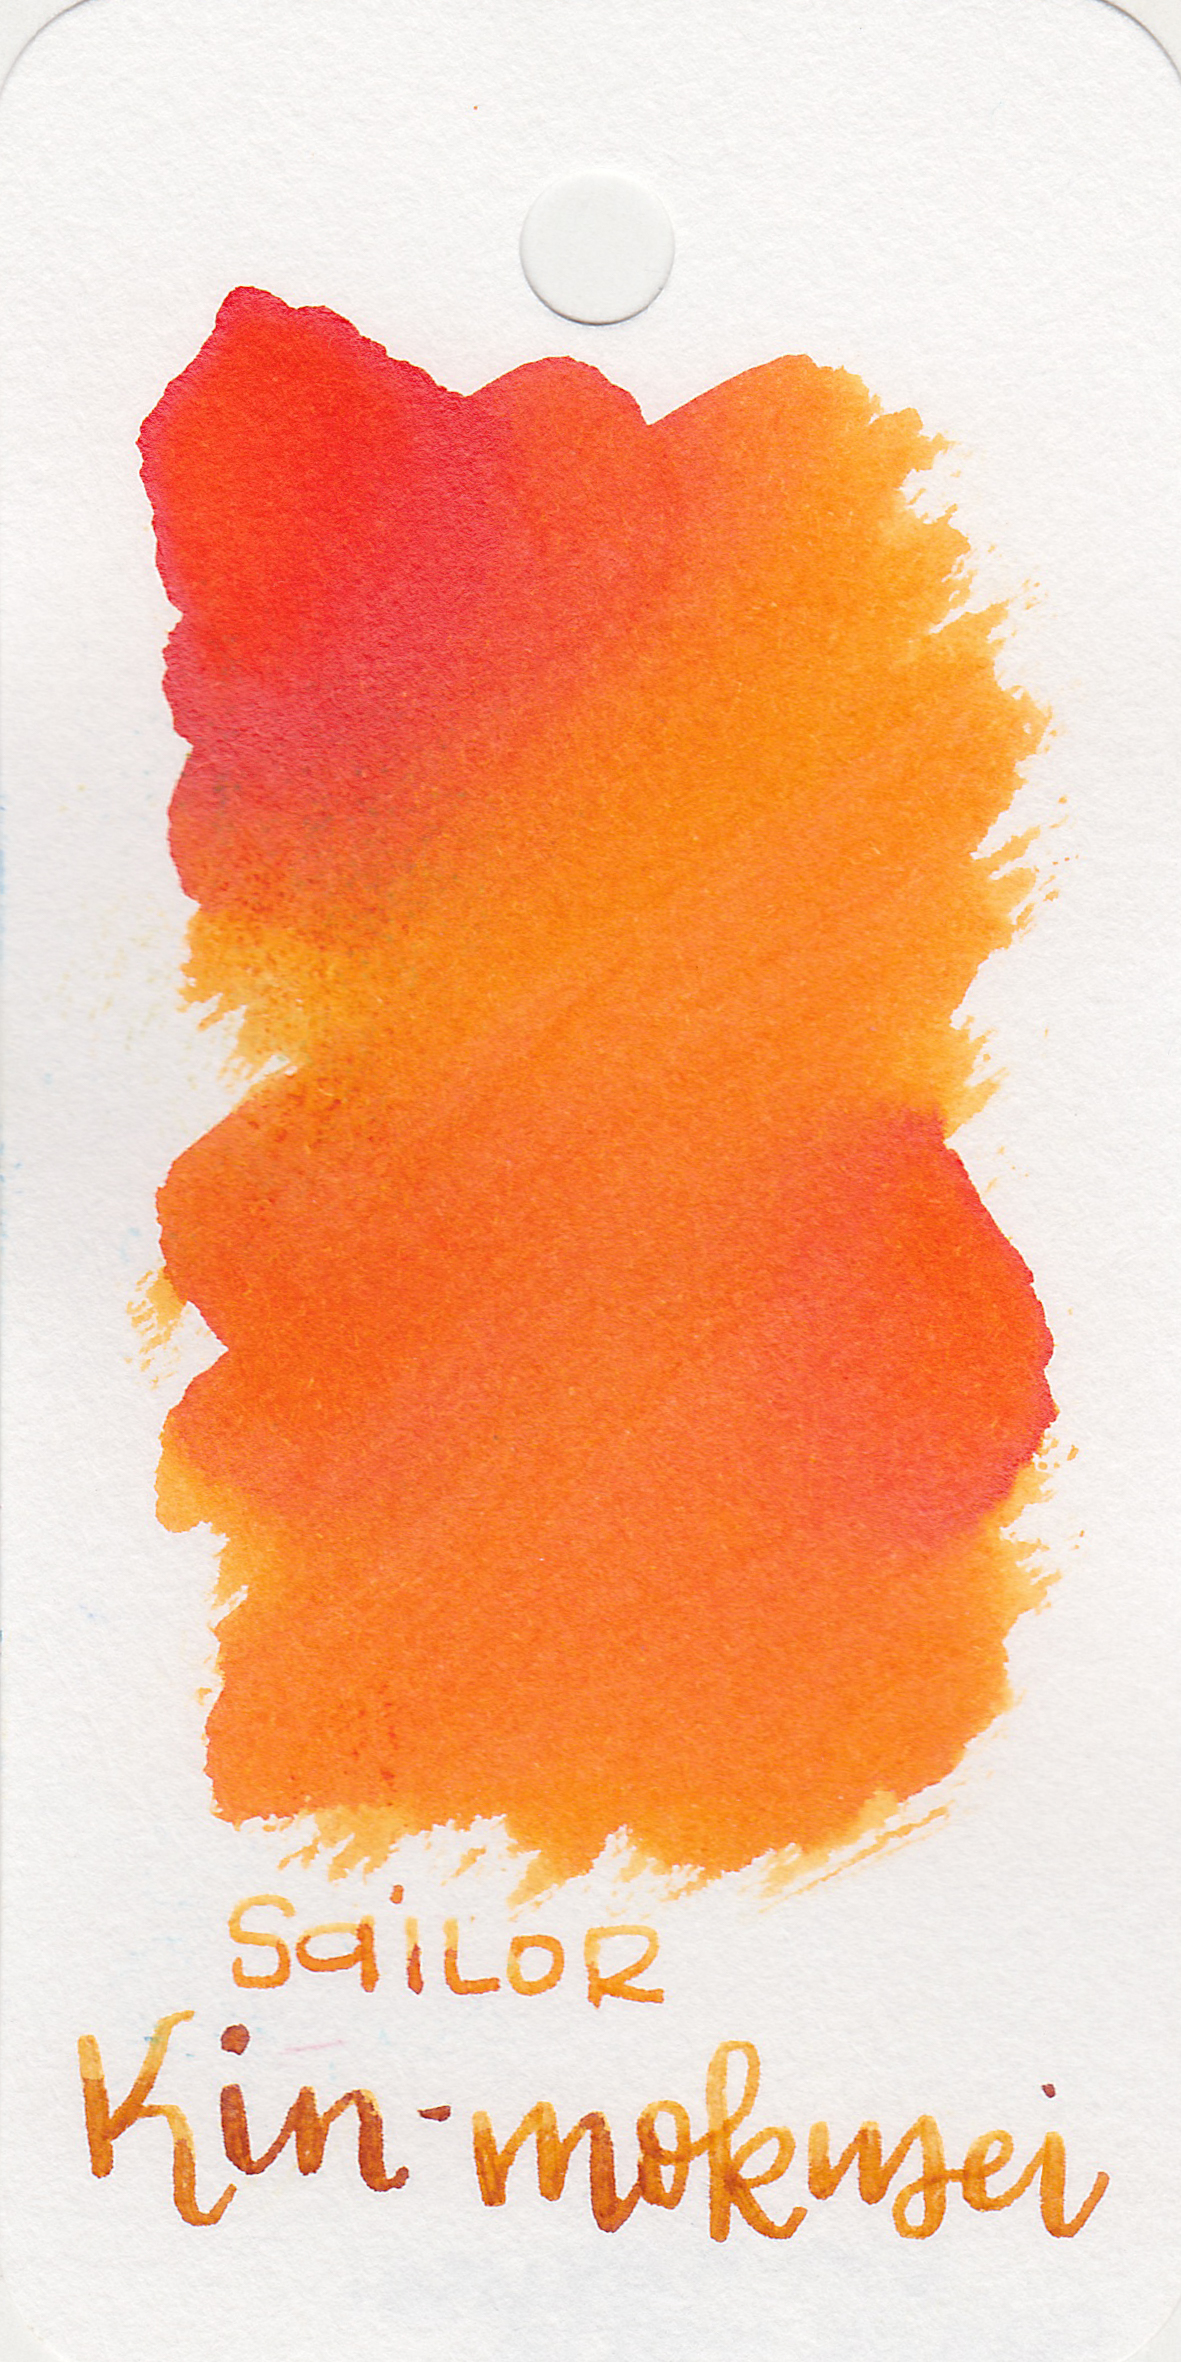 The color: - Kin-mokusei is a medium bright orange.